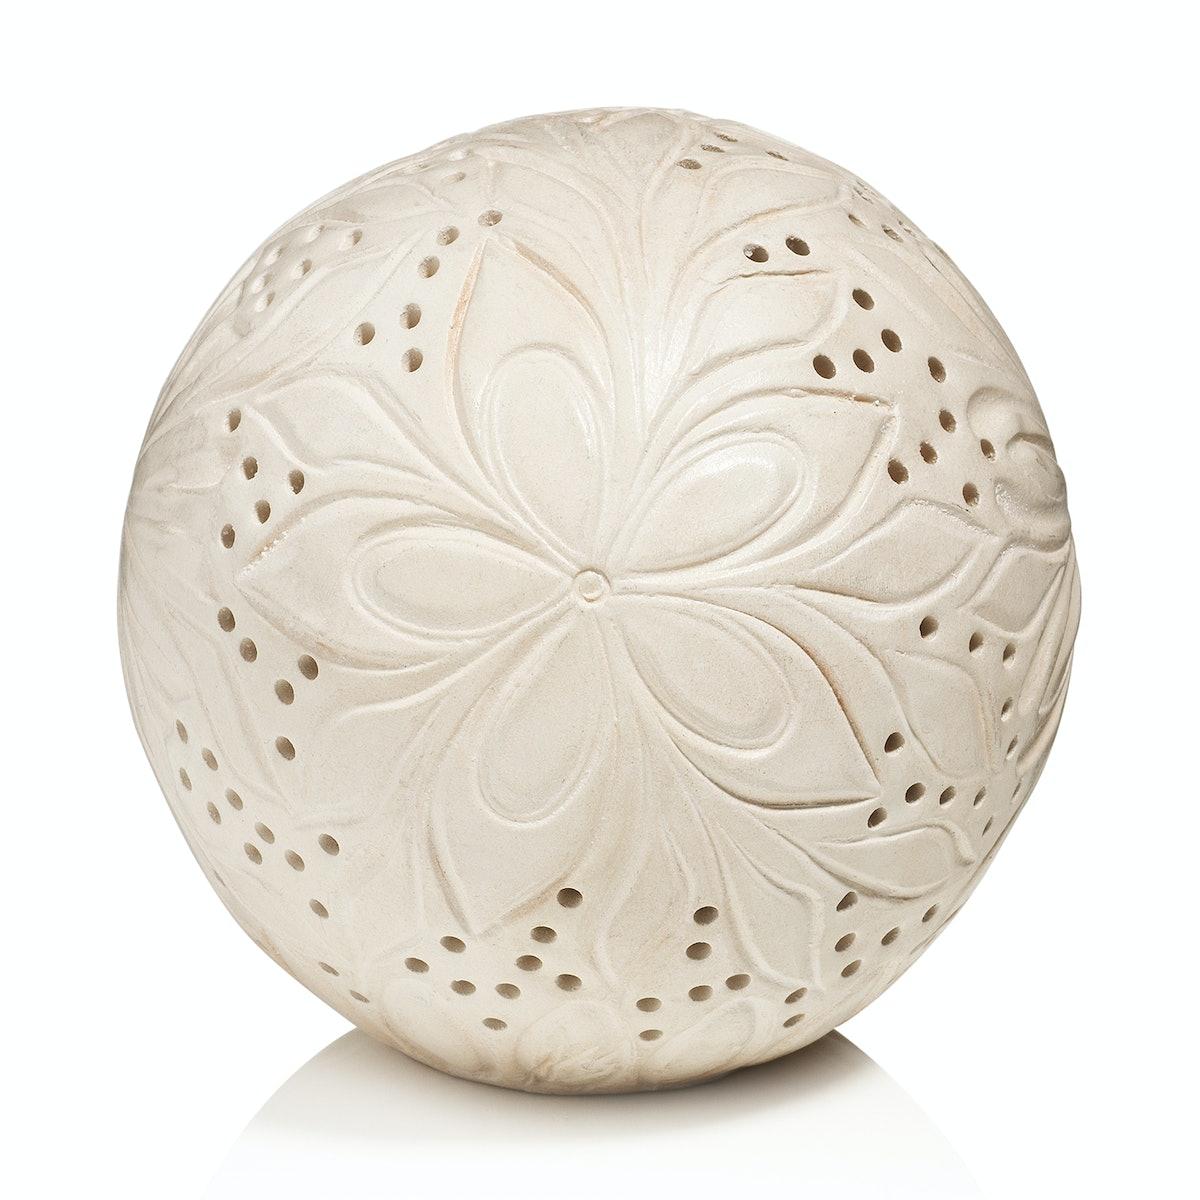 L'Artisan Parfumeurs La Boule de Provence home fragrance diffuser